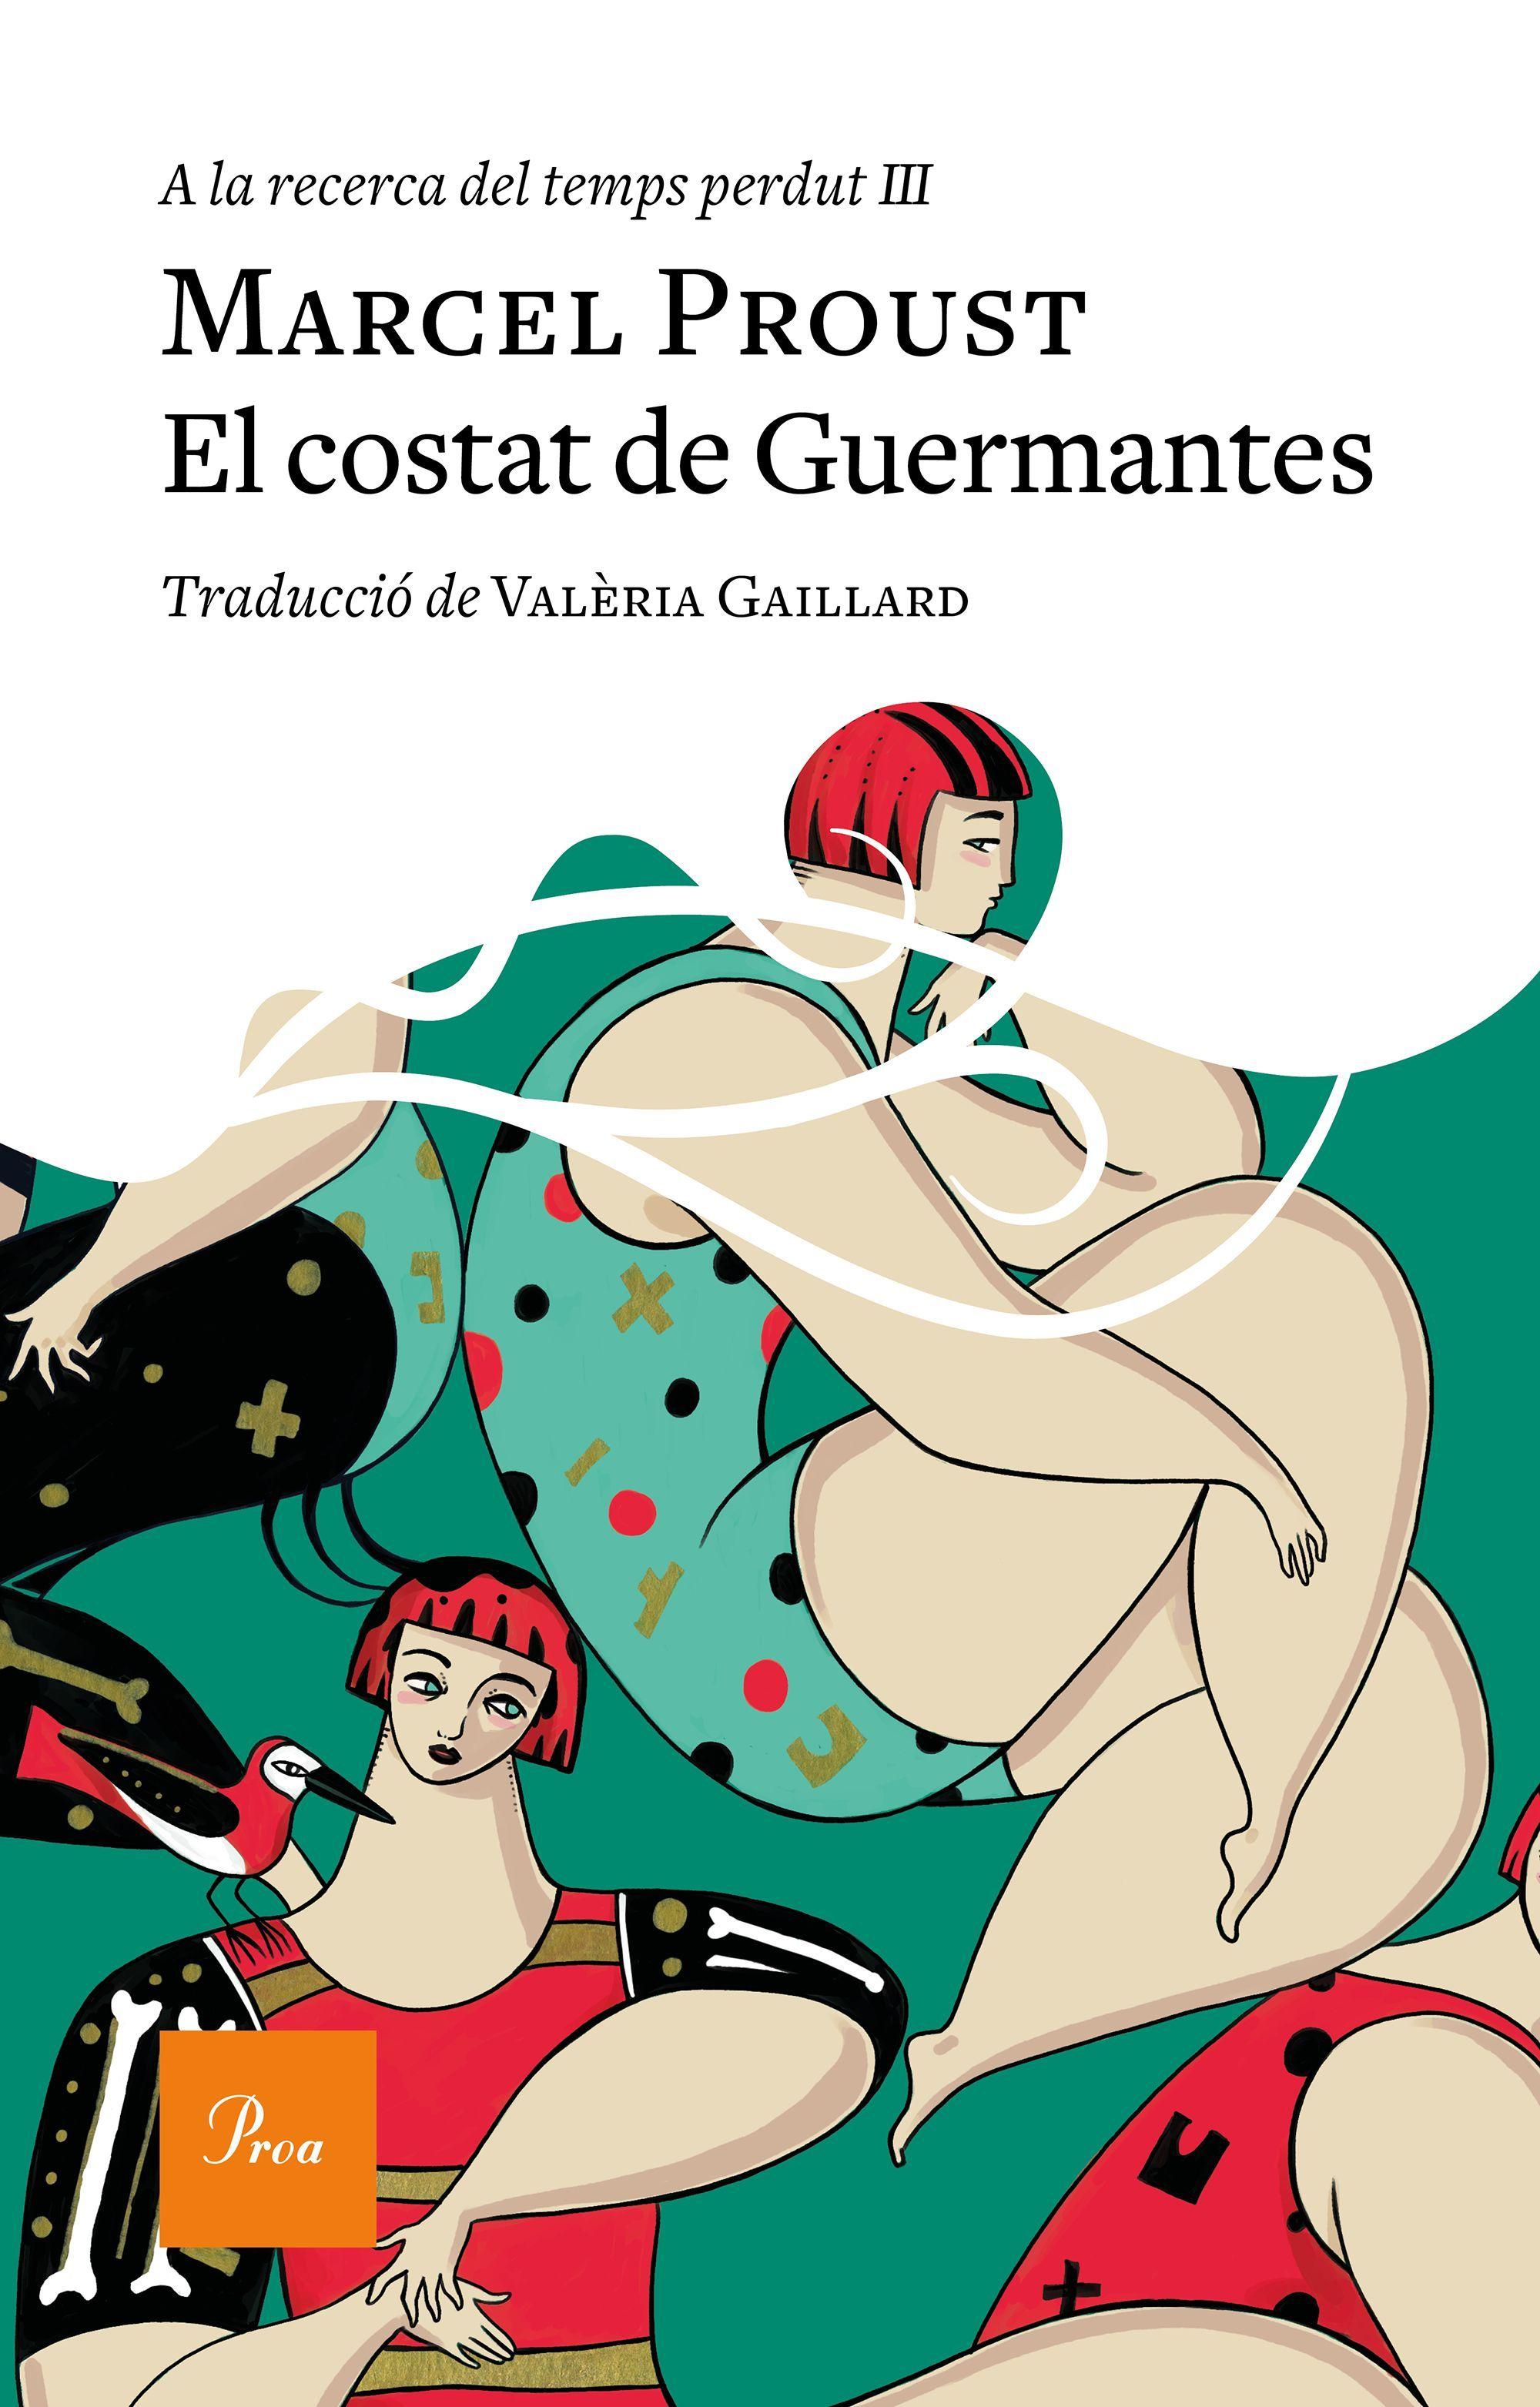 COSTAT DE GUERMANTES